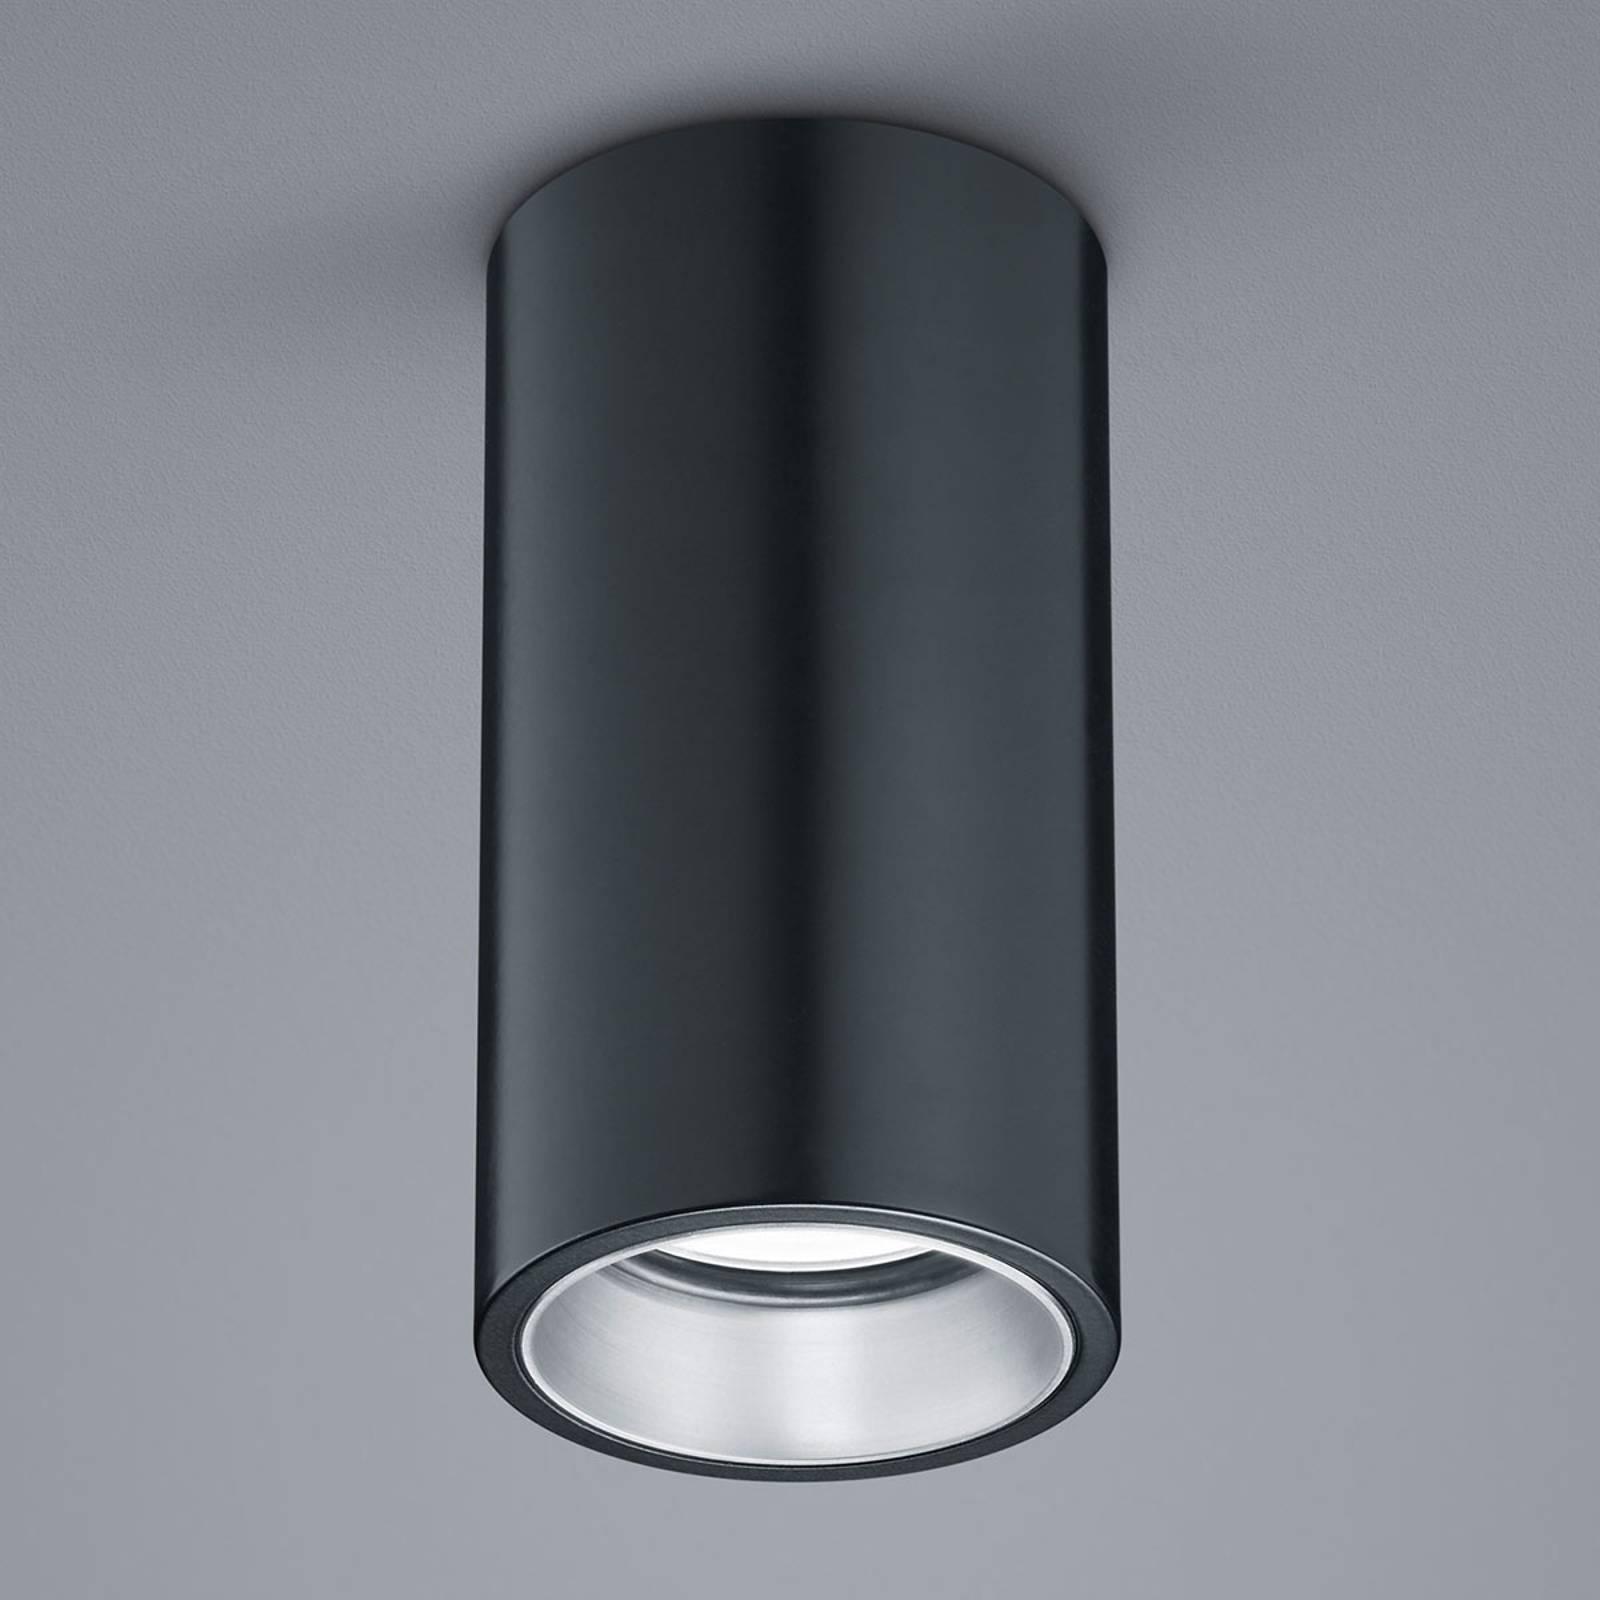 Baulmann 83.129 Deckenleuchte schwarz-silber